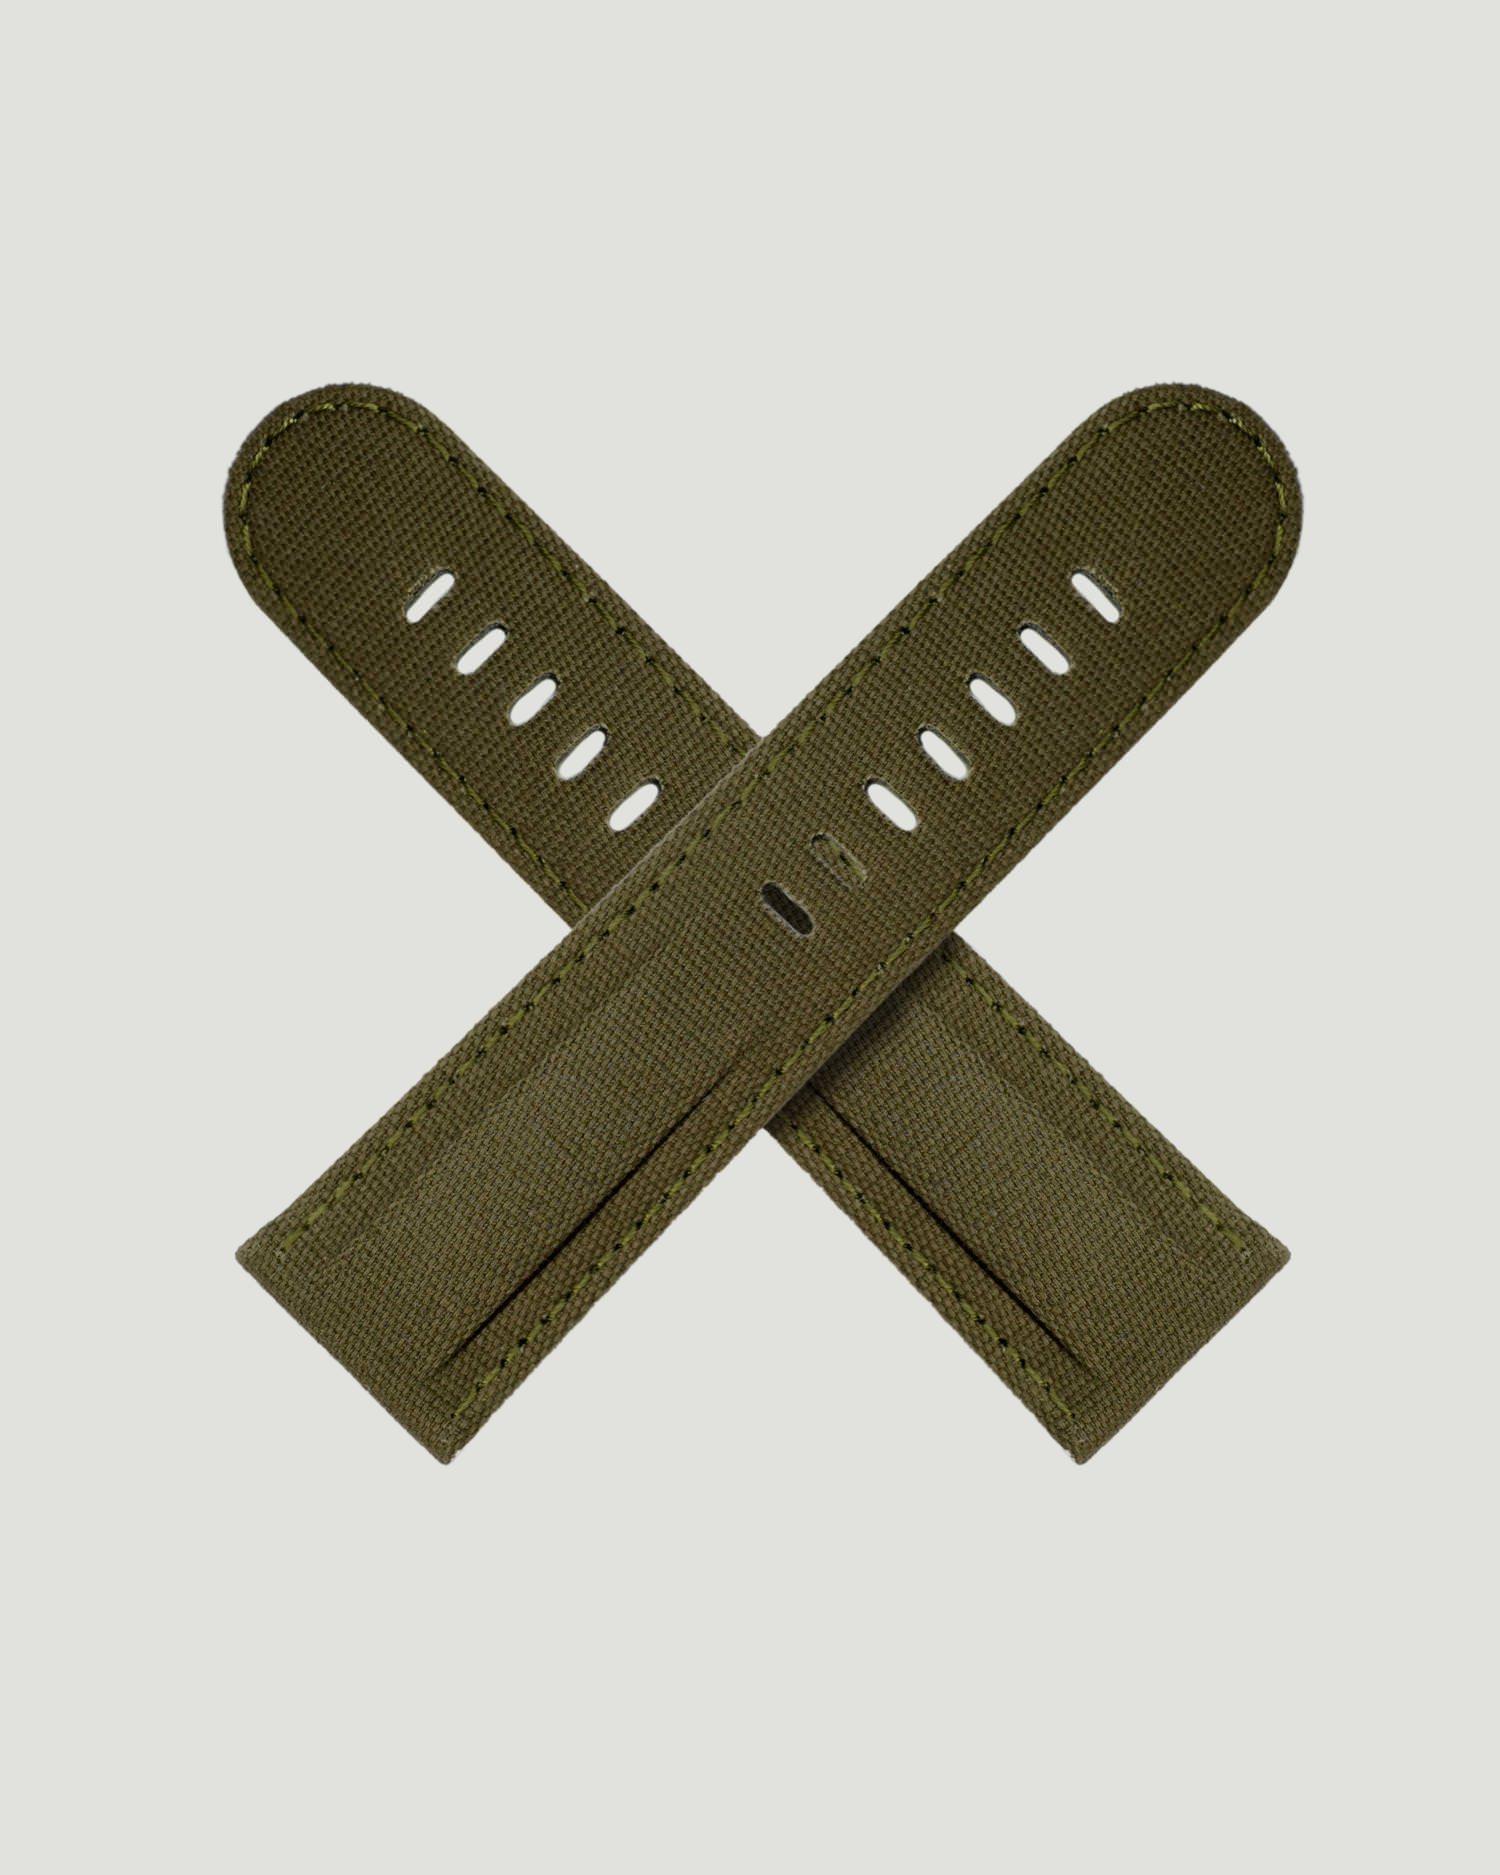 Green Canvas watch strap